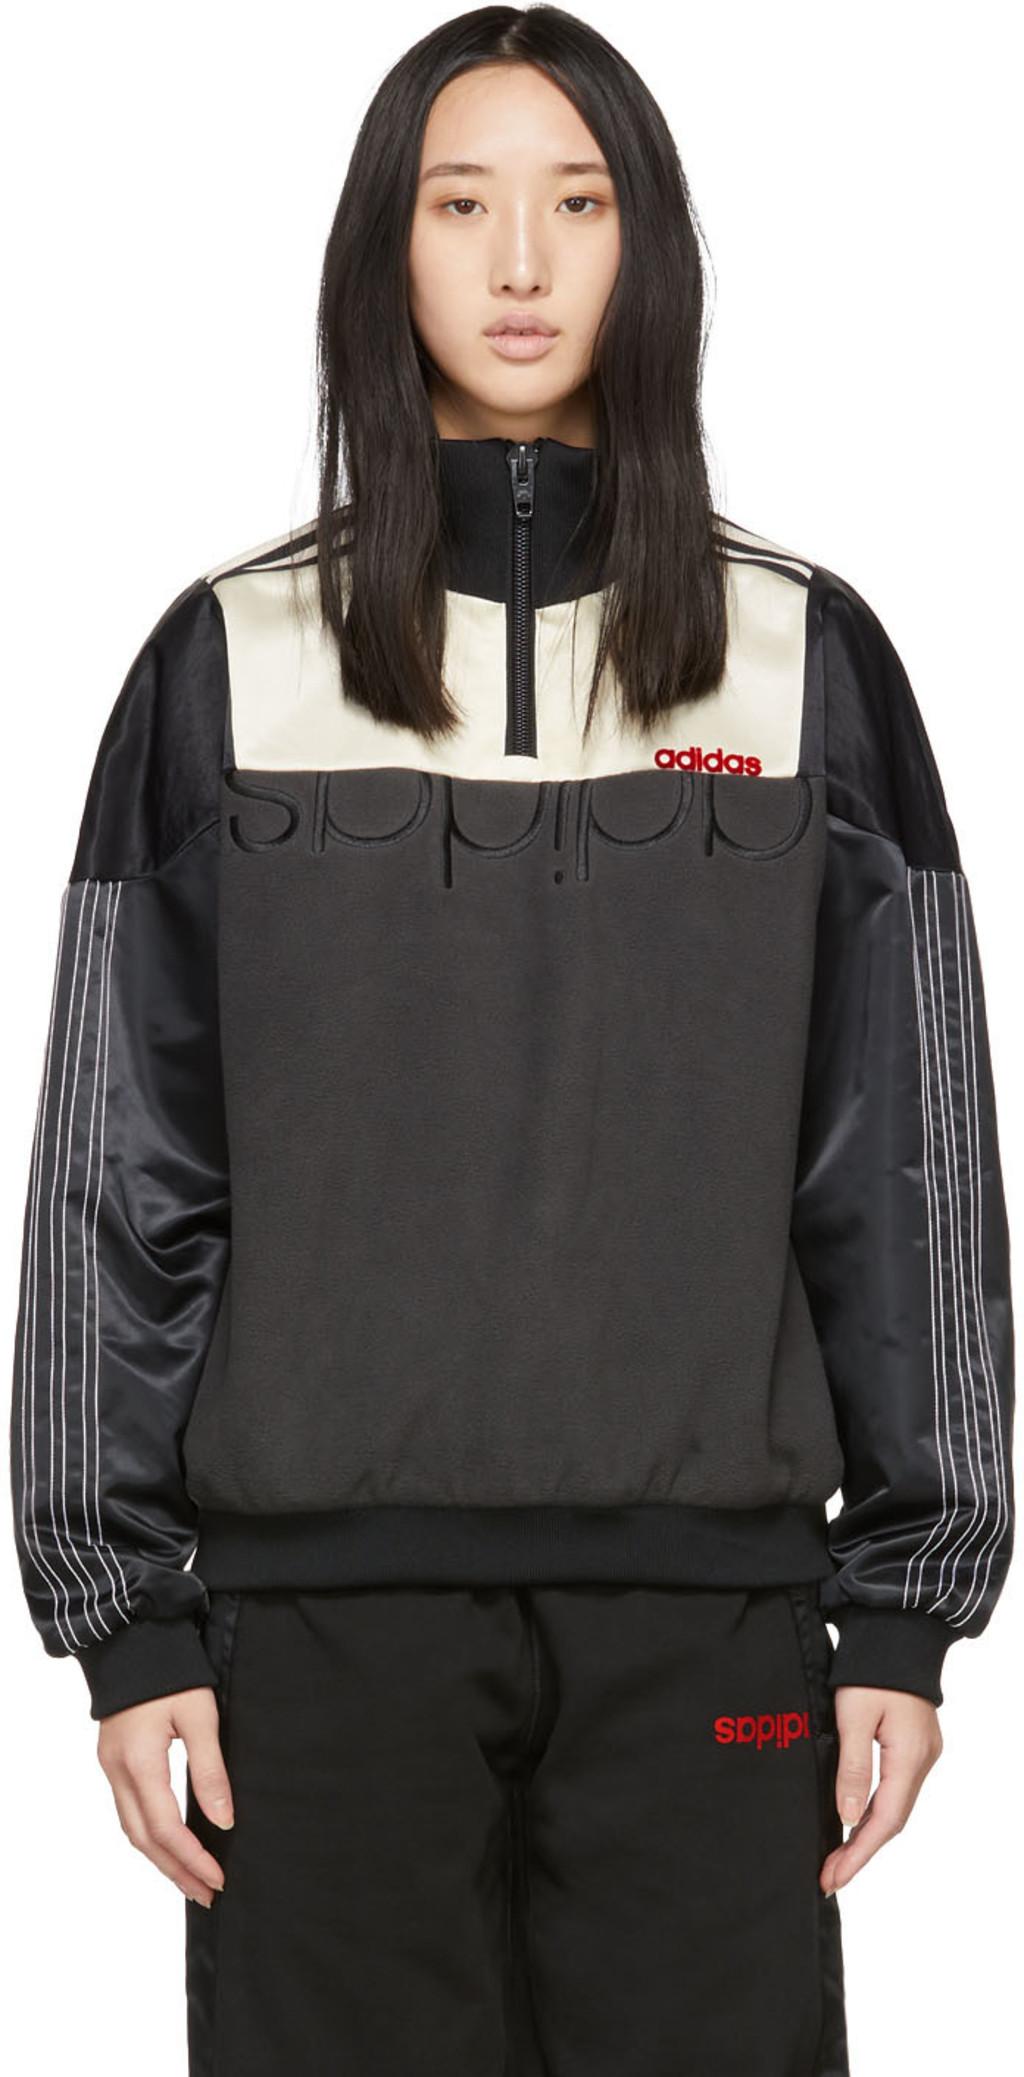 4dcd9246dde Adidas Originals By Alexander Wang for Women SS19 Collection | SSENSE